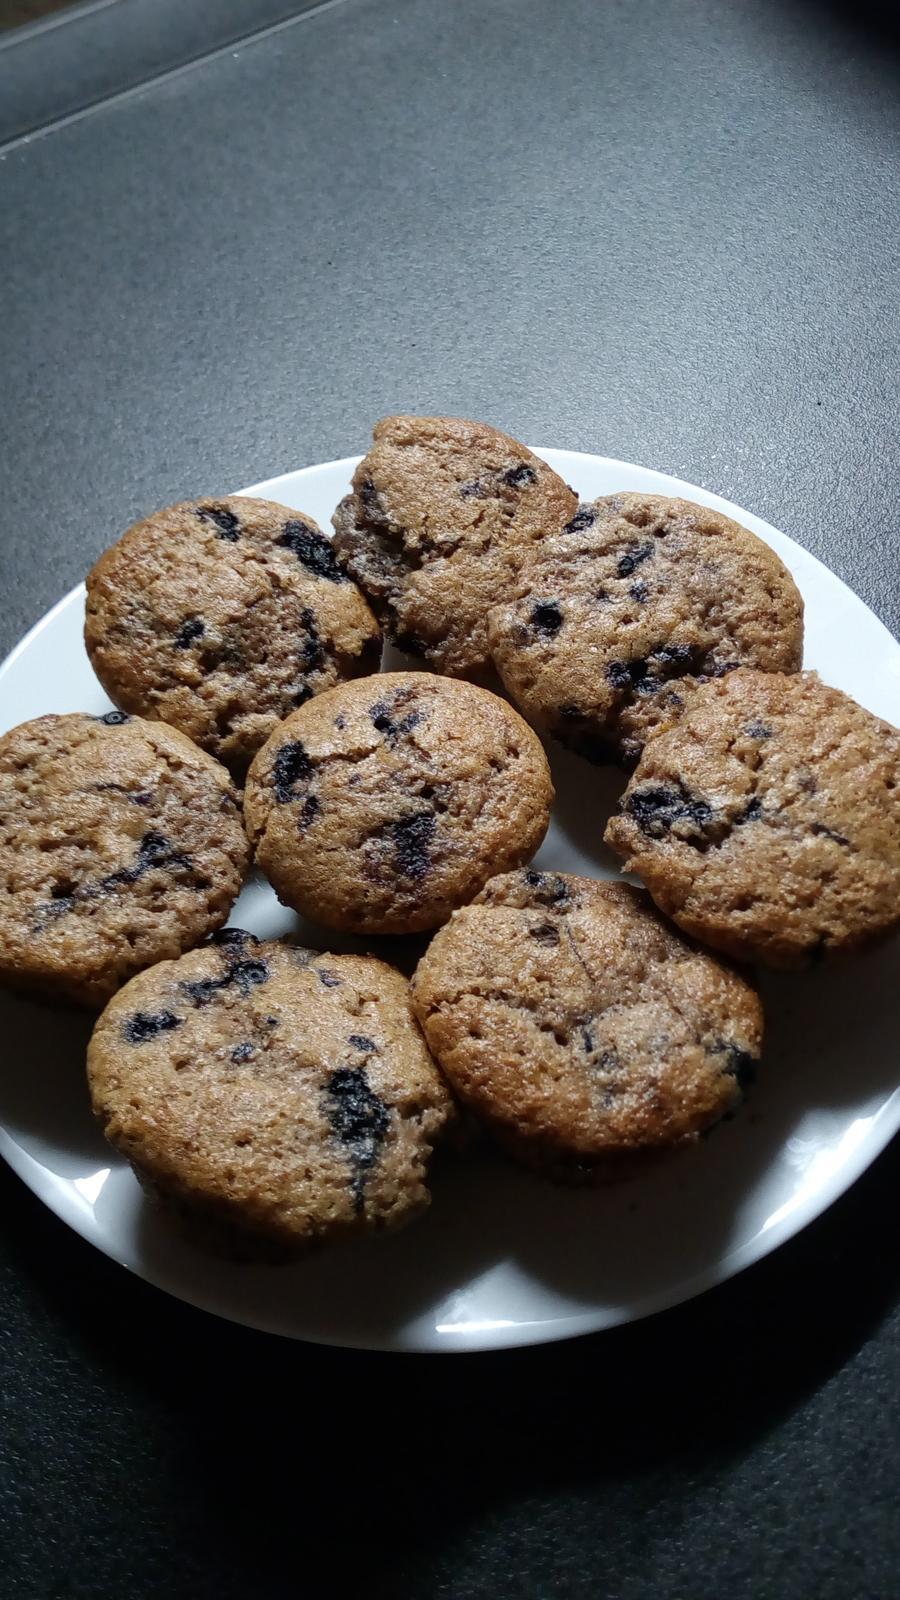 Hokus pokus v kuchyni - Muffiny trošku zdravěji